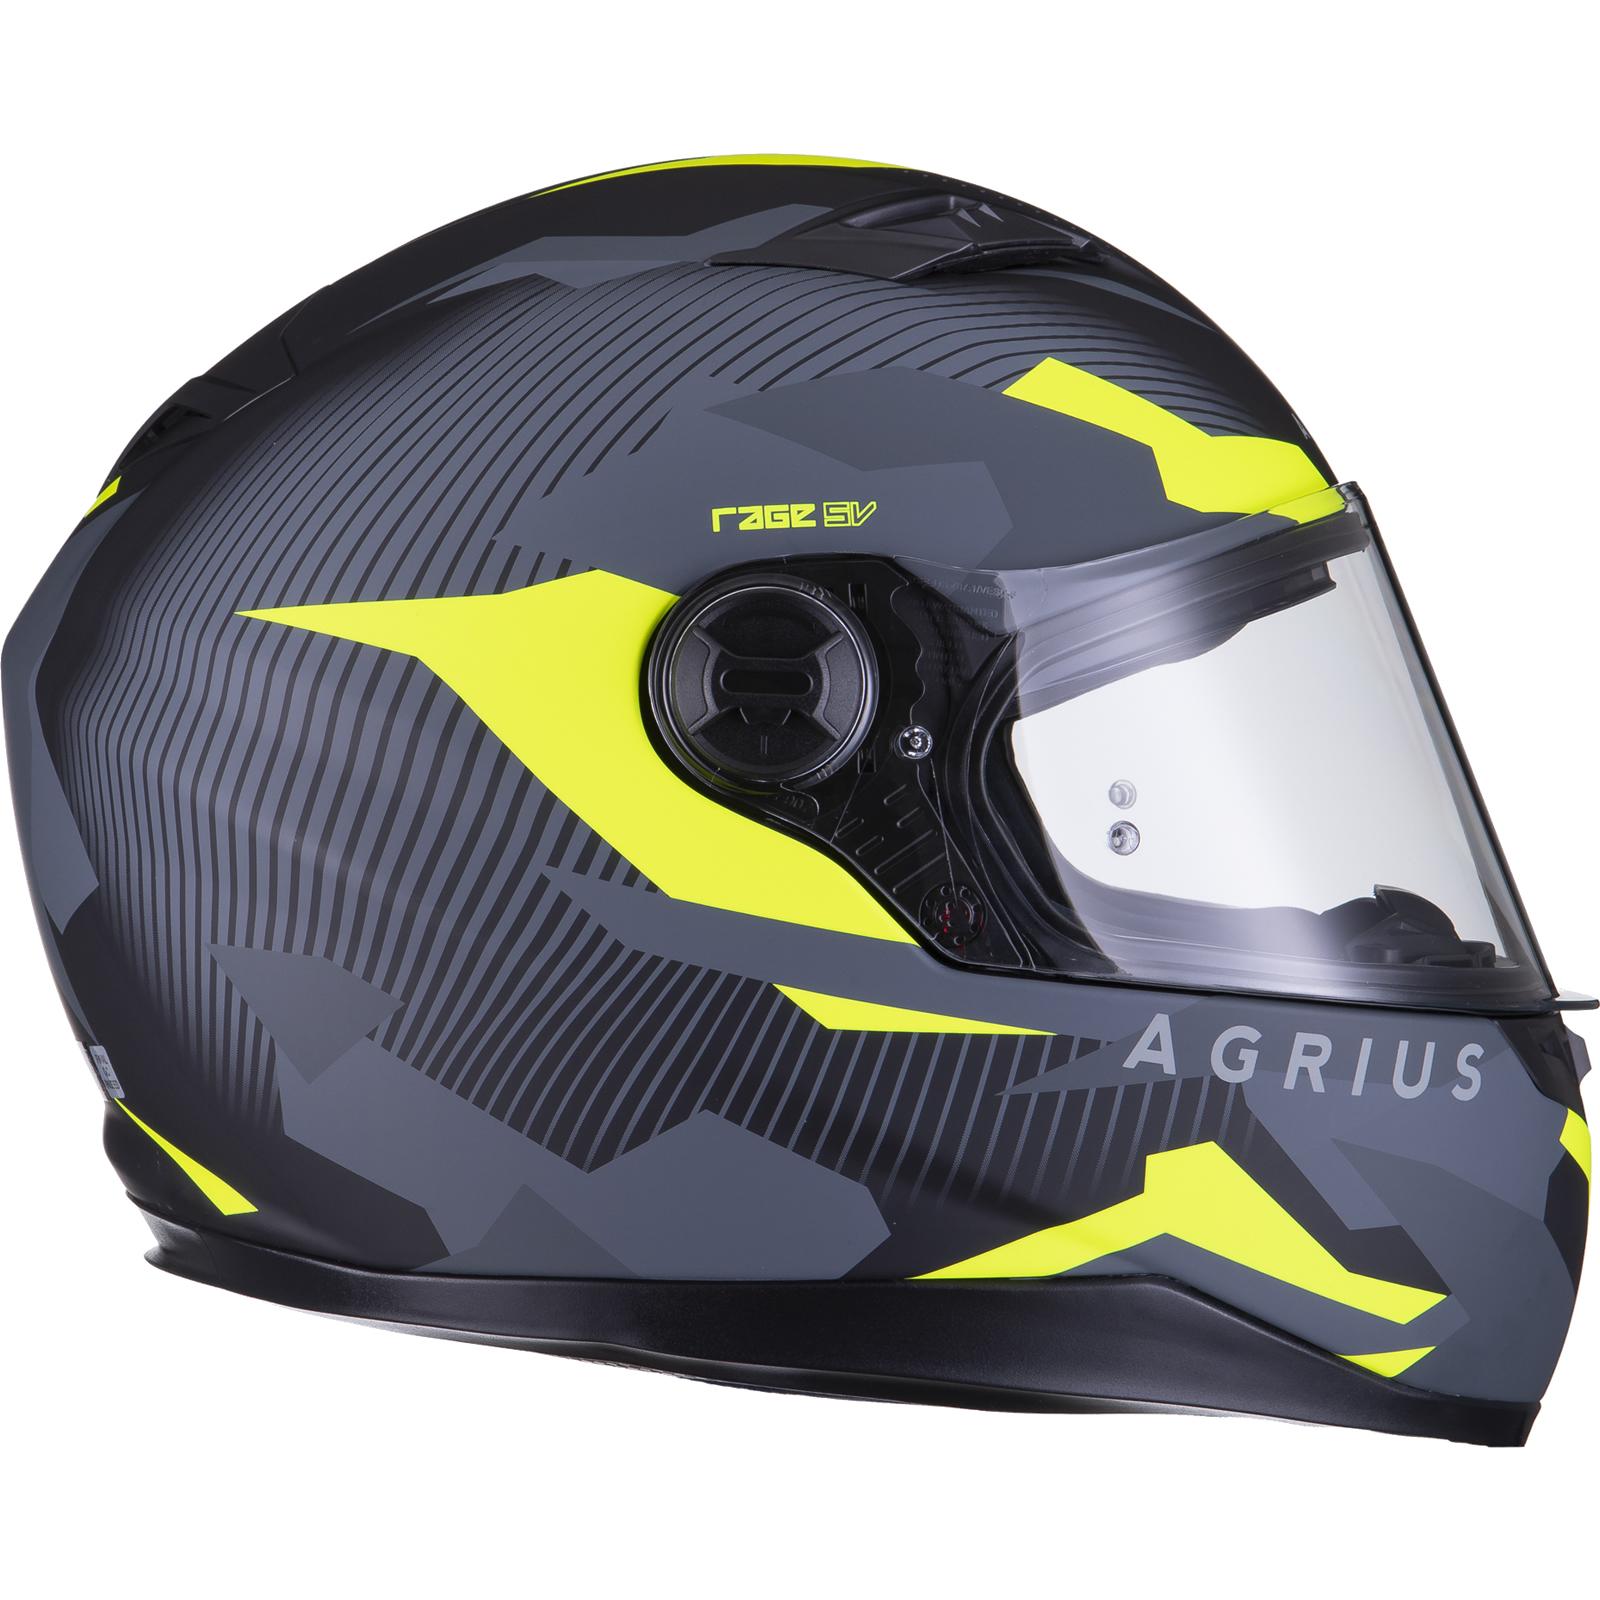 Agrius-Rage-SV-Tracker-Full-Face-Motorcycle-Matt-Helmet-bike-Road-Bike-Scooter thumbnail 47